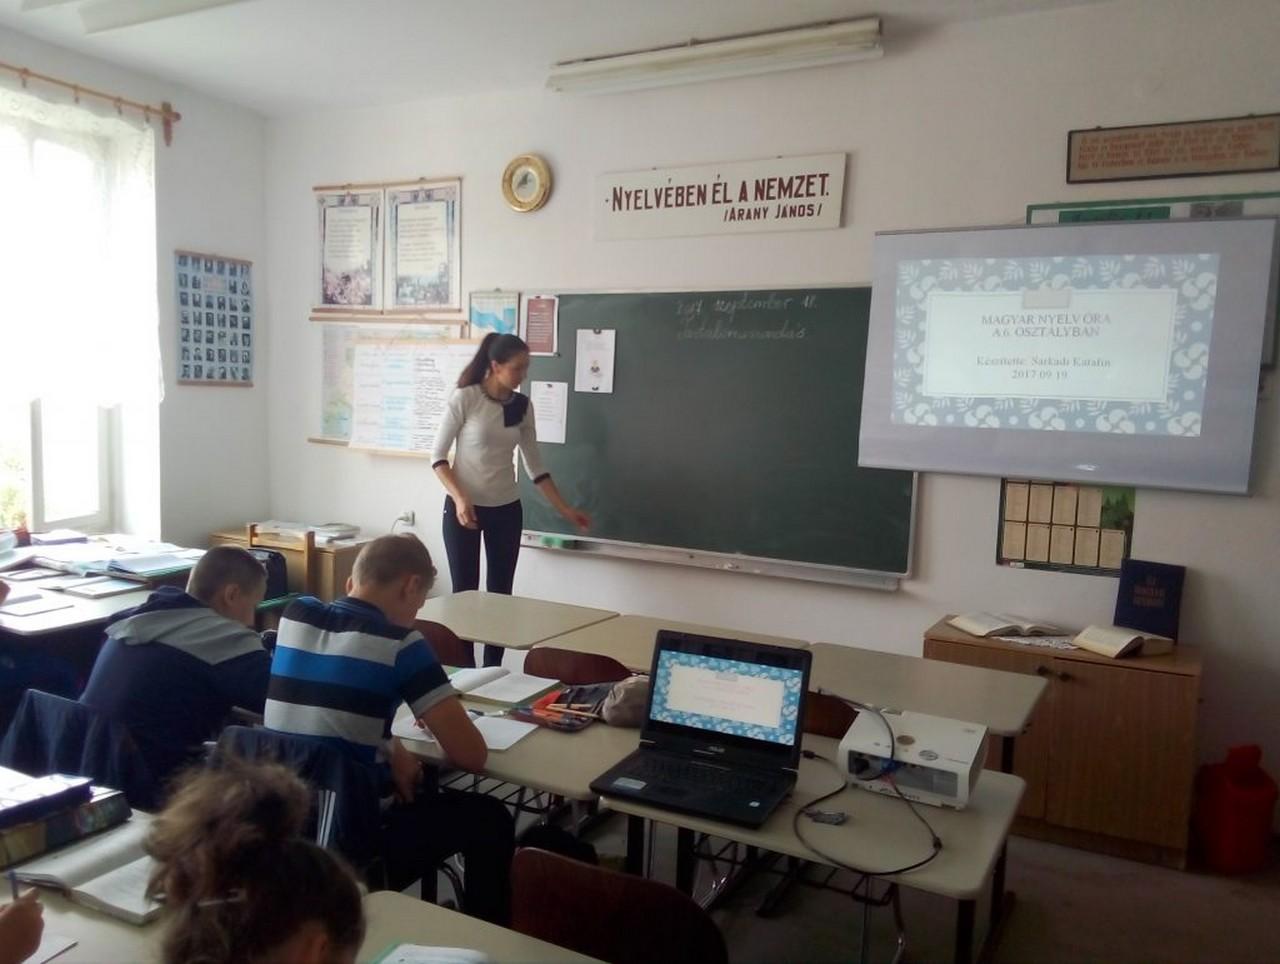 Уряд Угорщини надасть майже 5 мільйонів євро на фінансову підтримку викладачам угорської на Закарпатті